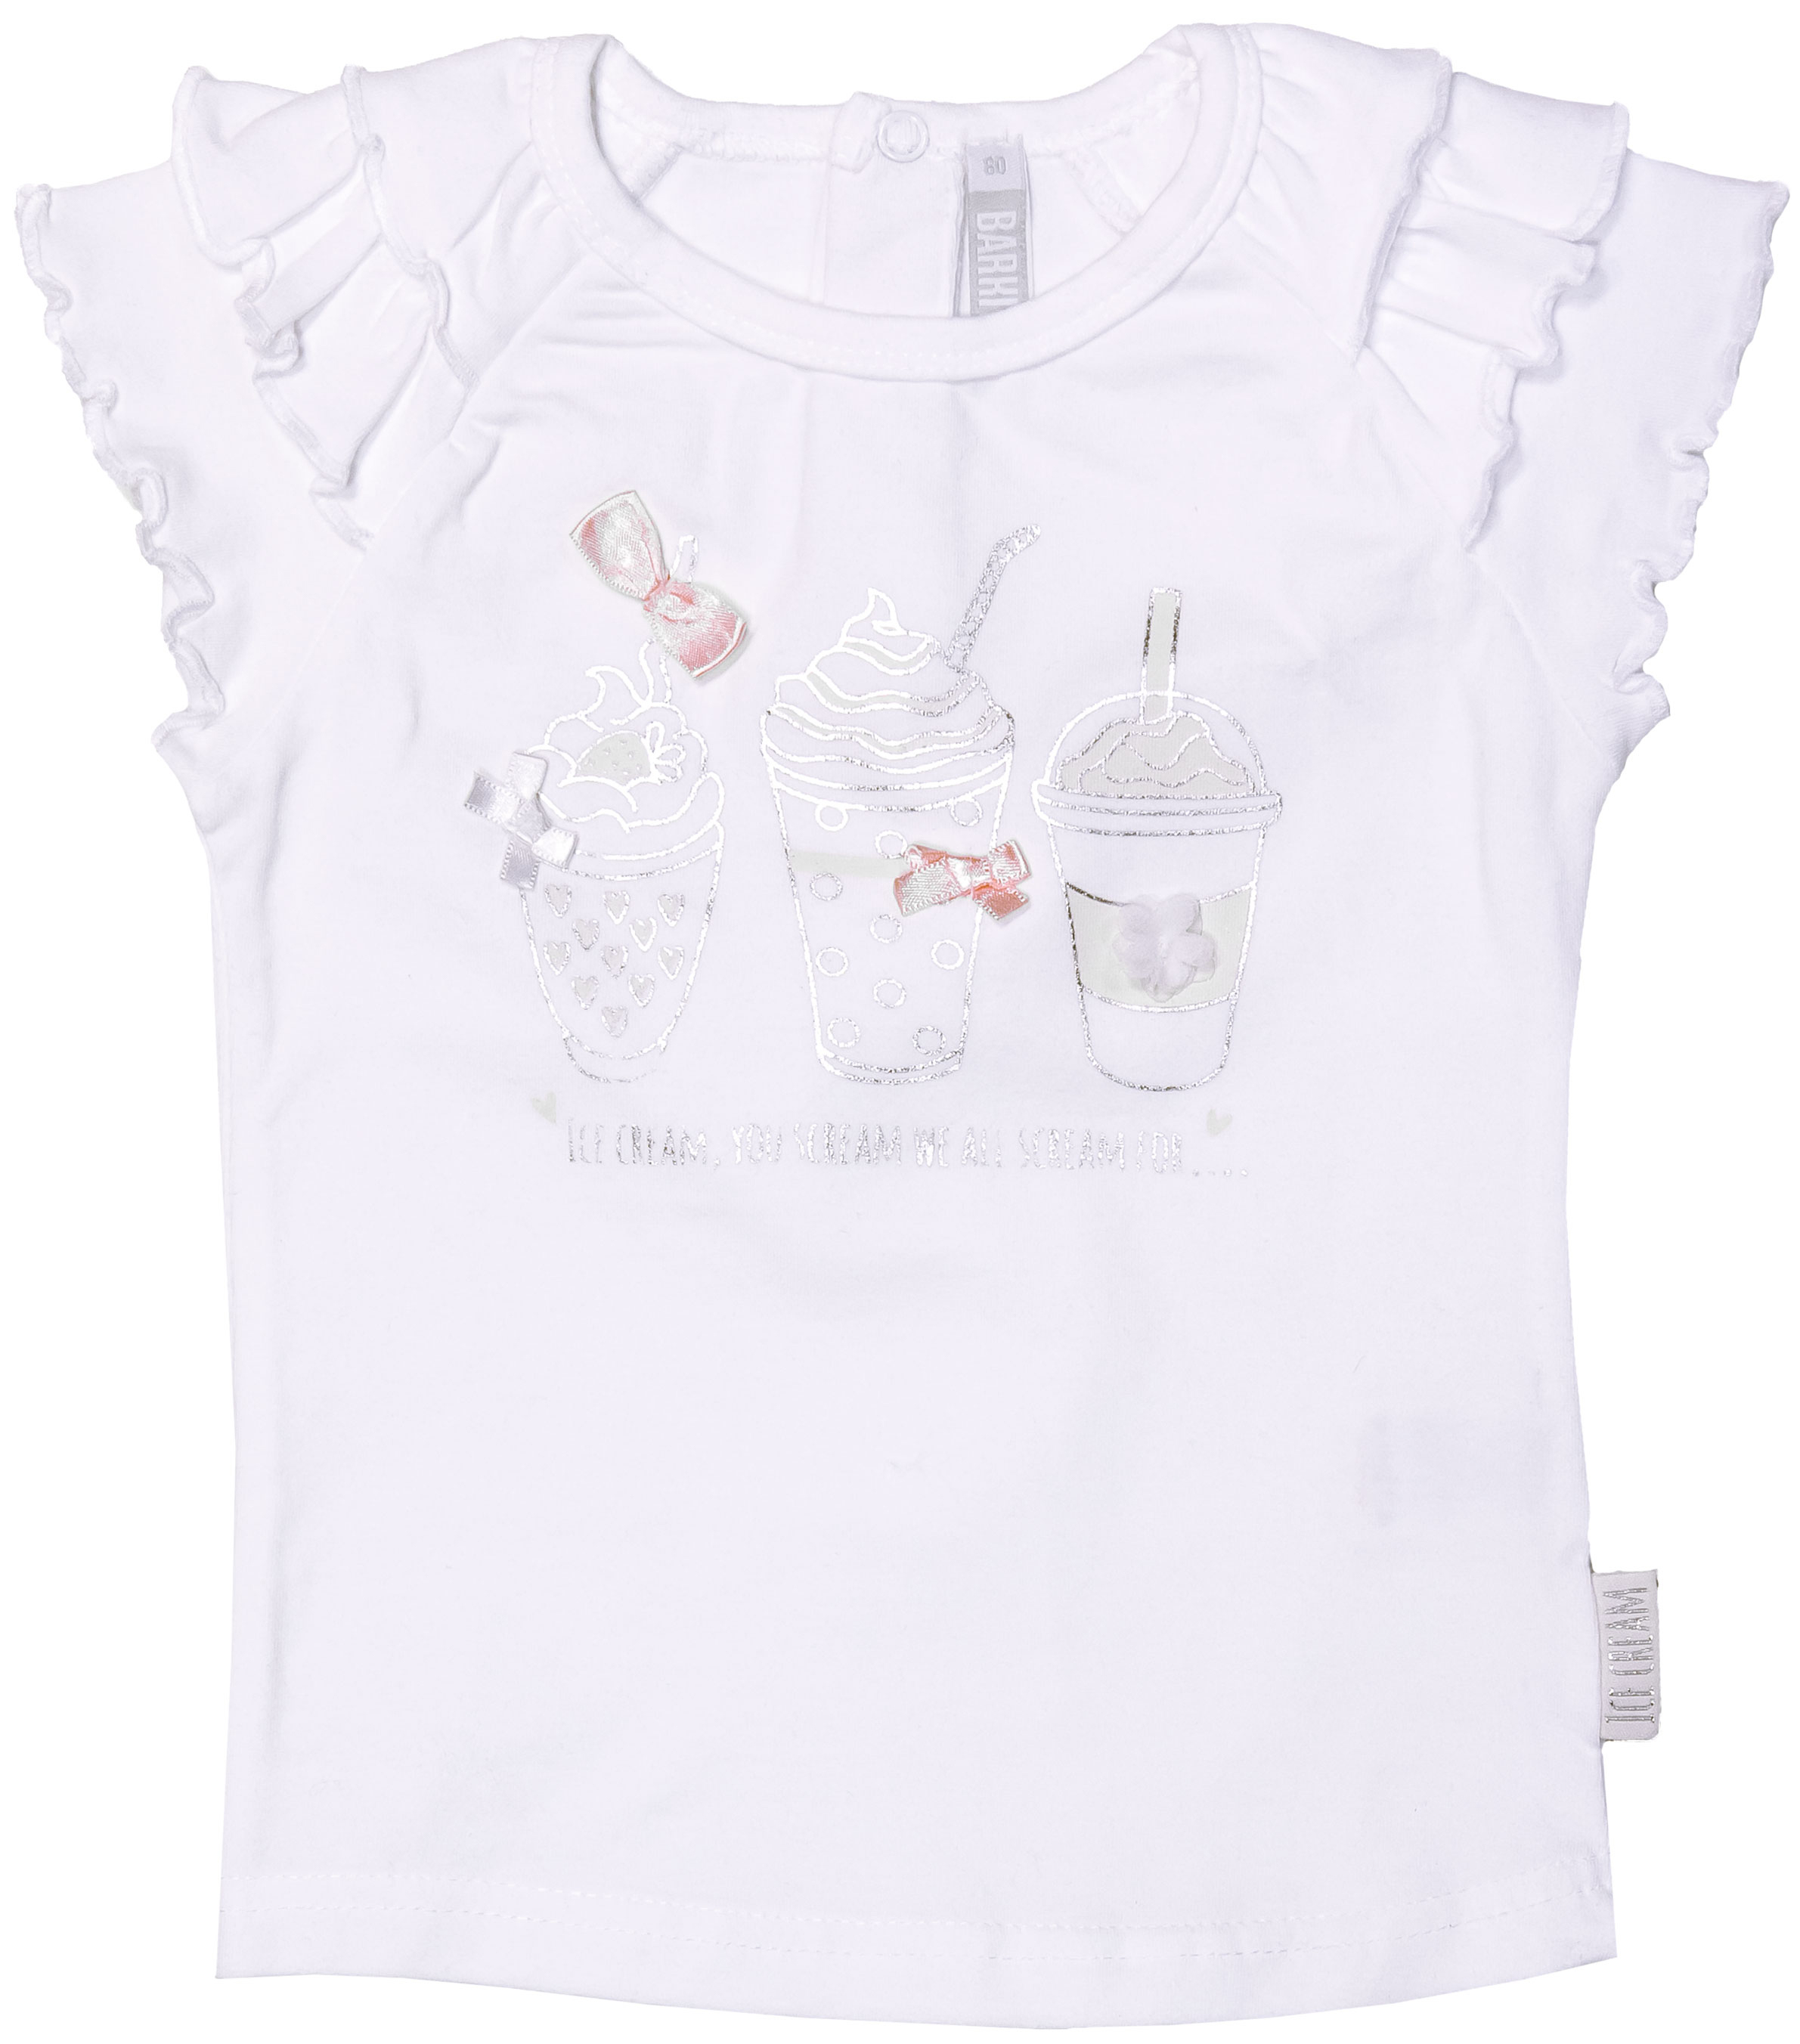 Купить Джемпер с коротким рукавом для девочки, В облаках, 1шт., Barkito 32Y-27407KOR, Индия, white, Женский